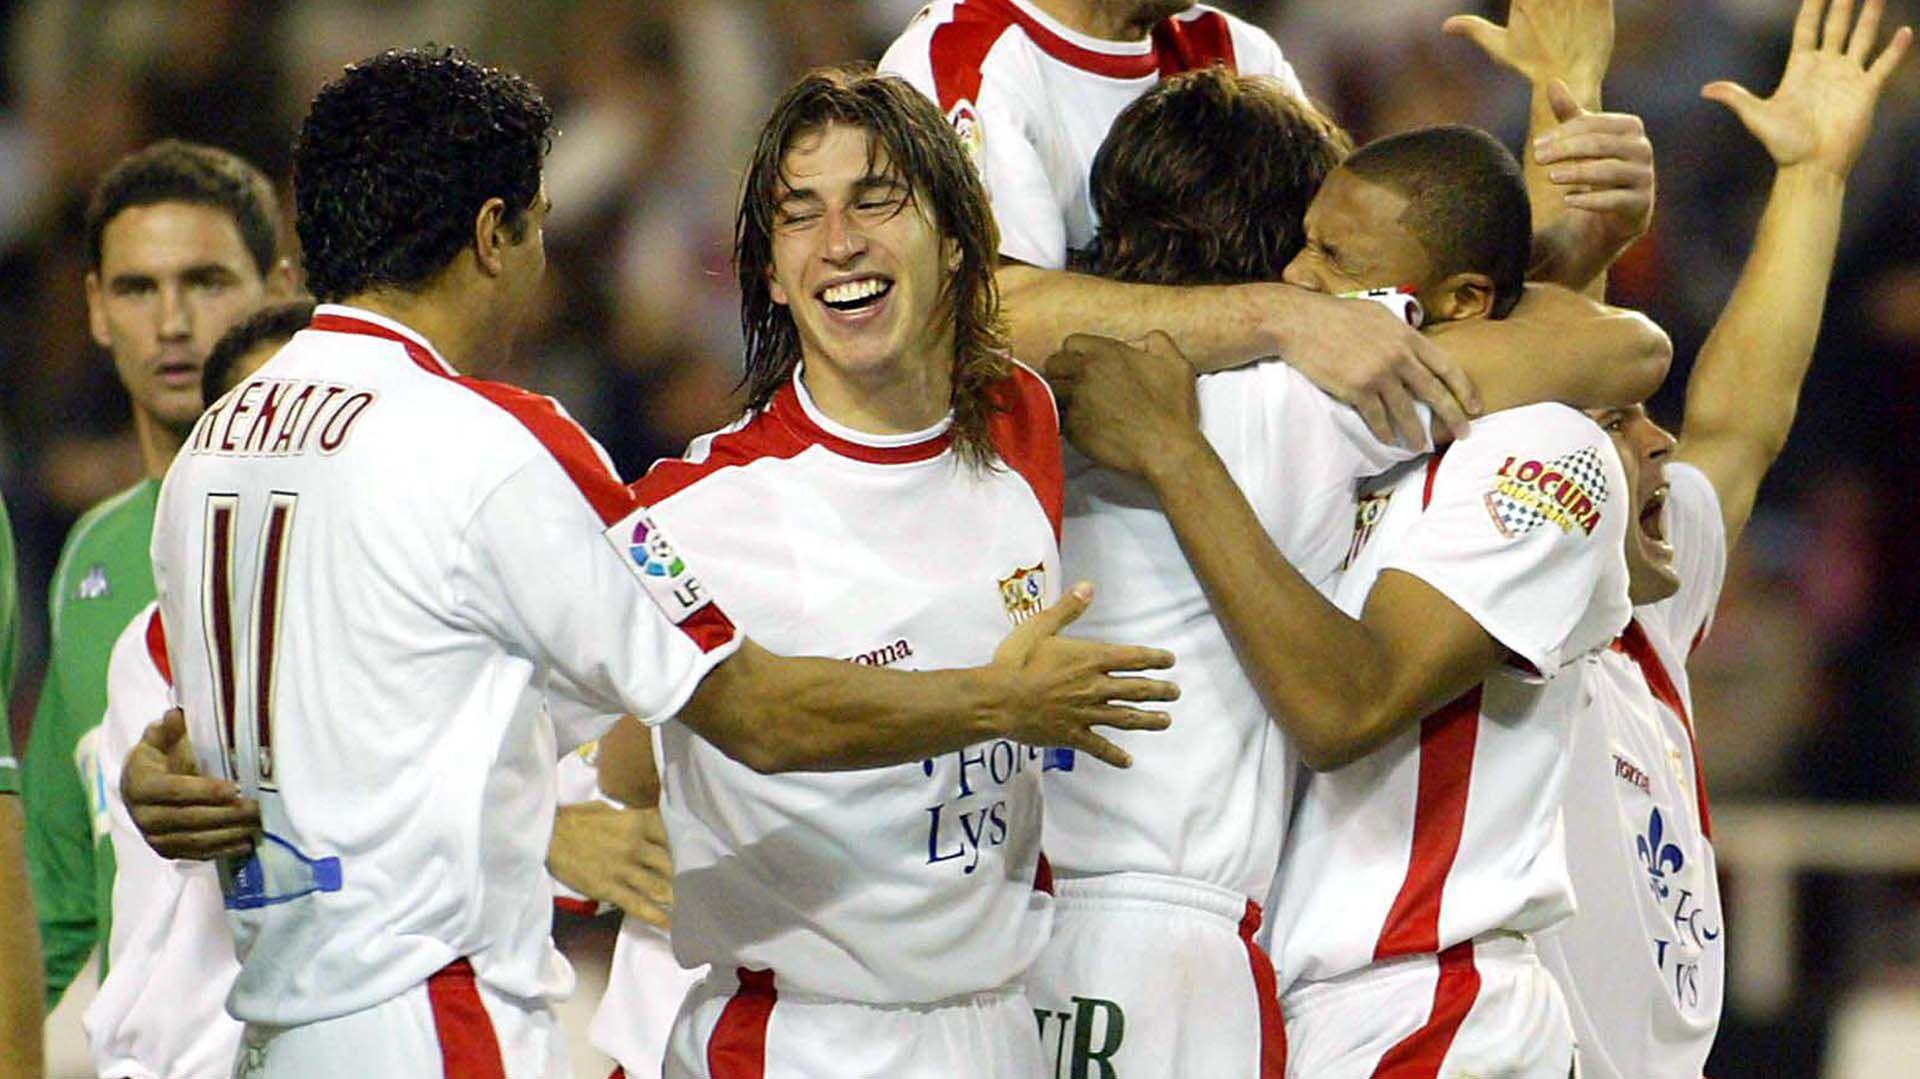 Ramos en el Sevilla, el club que lo vio nacer (Foto: AFP)